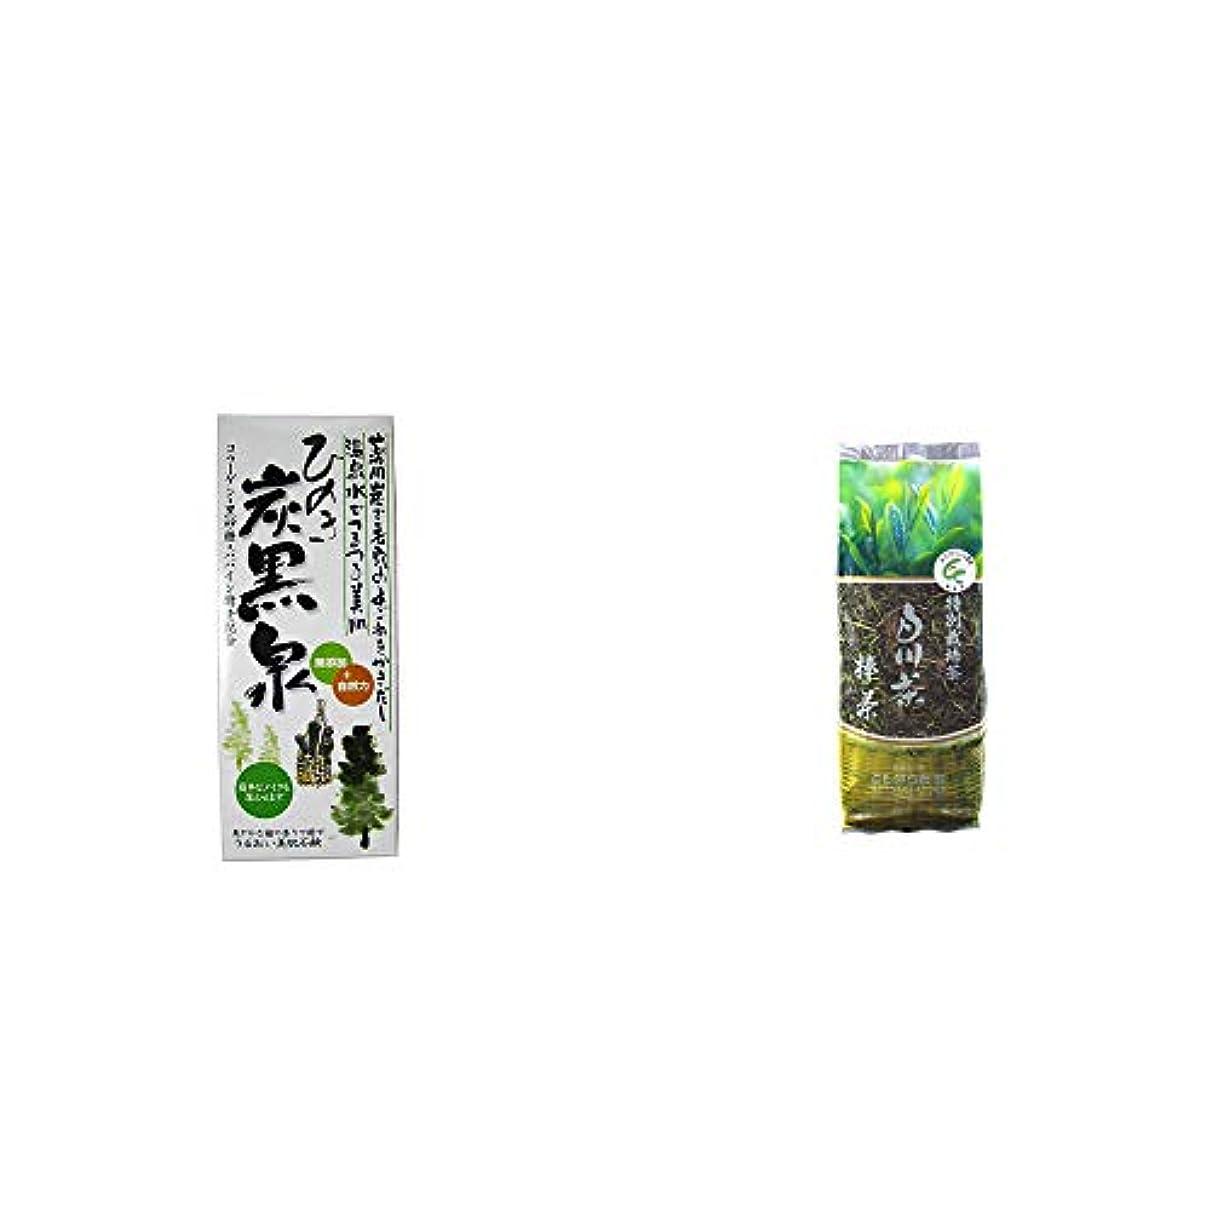 ターゲット薬用ダイエット[2点セット] ひのき炭黒泉 箱入り(75g×3)?白川茶 特別栽培茶【棒茶】(150g)